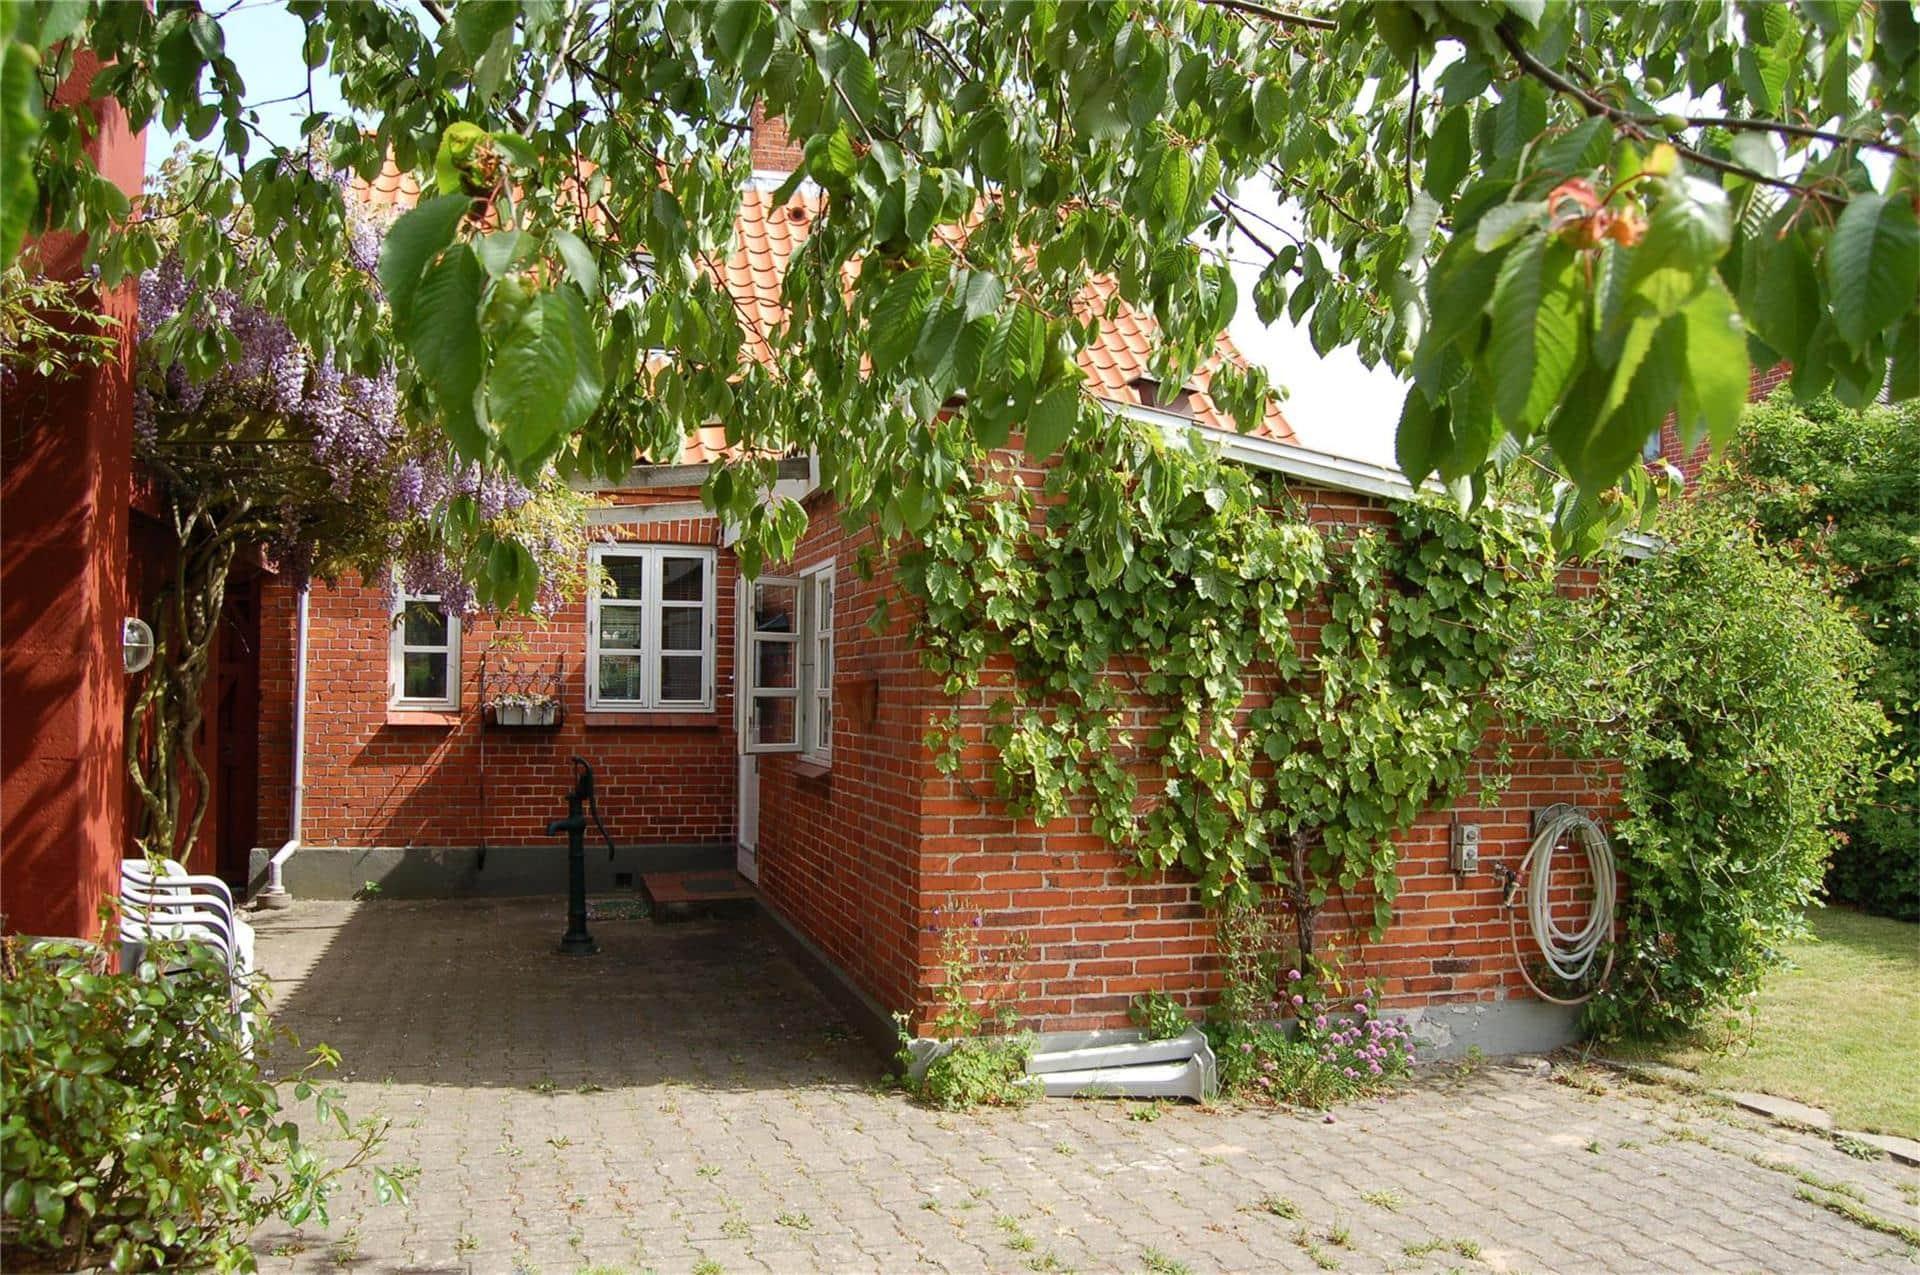 Billede 1-3 Sommerhus M67393, Tom Knudsensvej 14, DK - 5953 Tranekær